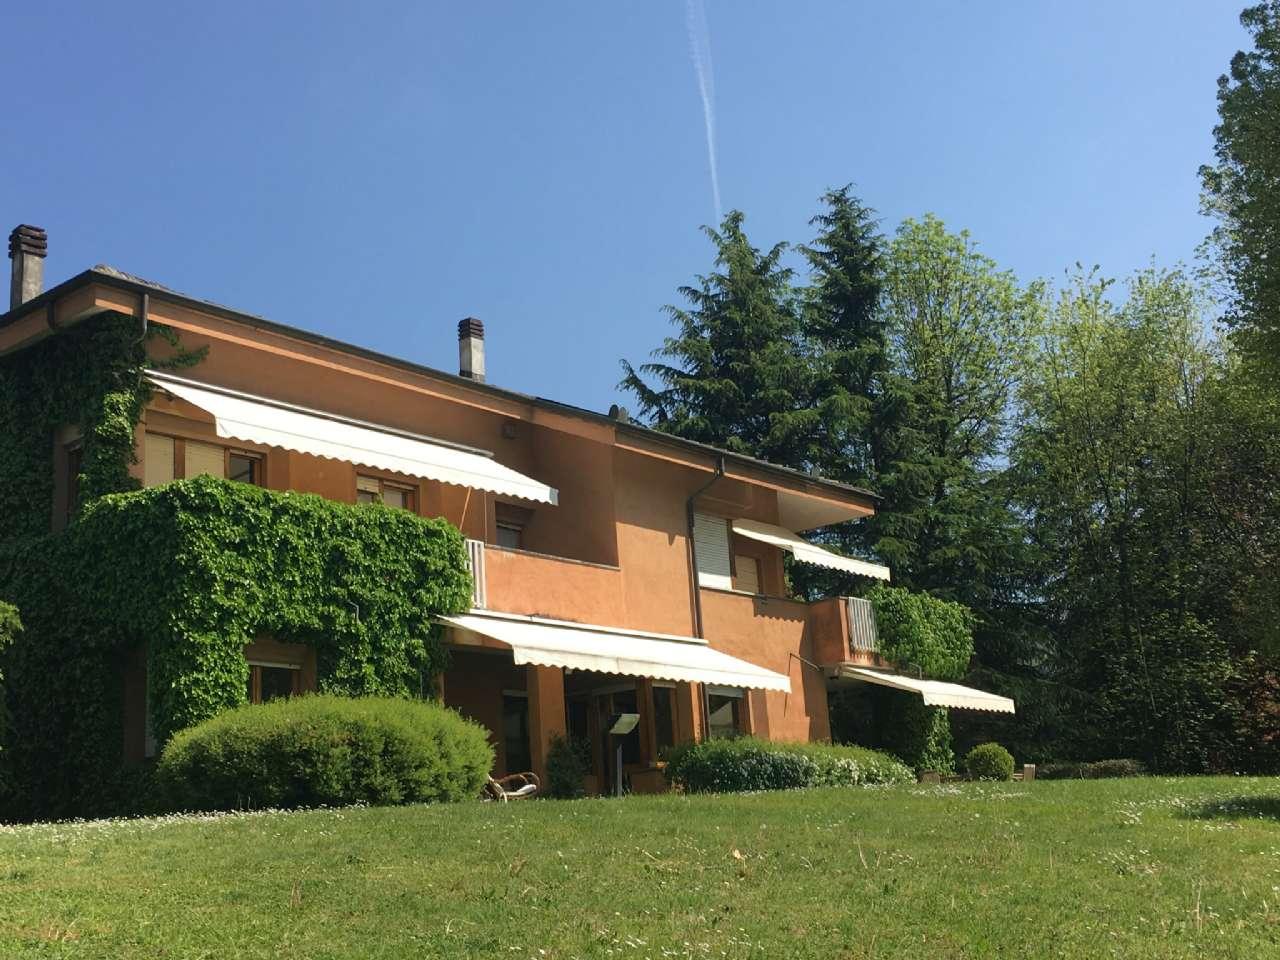 Villa in vendita a Buttigliera Alta, 14 locali, zona Località: LeFronde, prezzo € 750.000 | CambioCasa.it